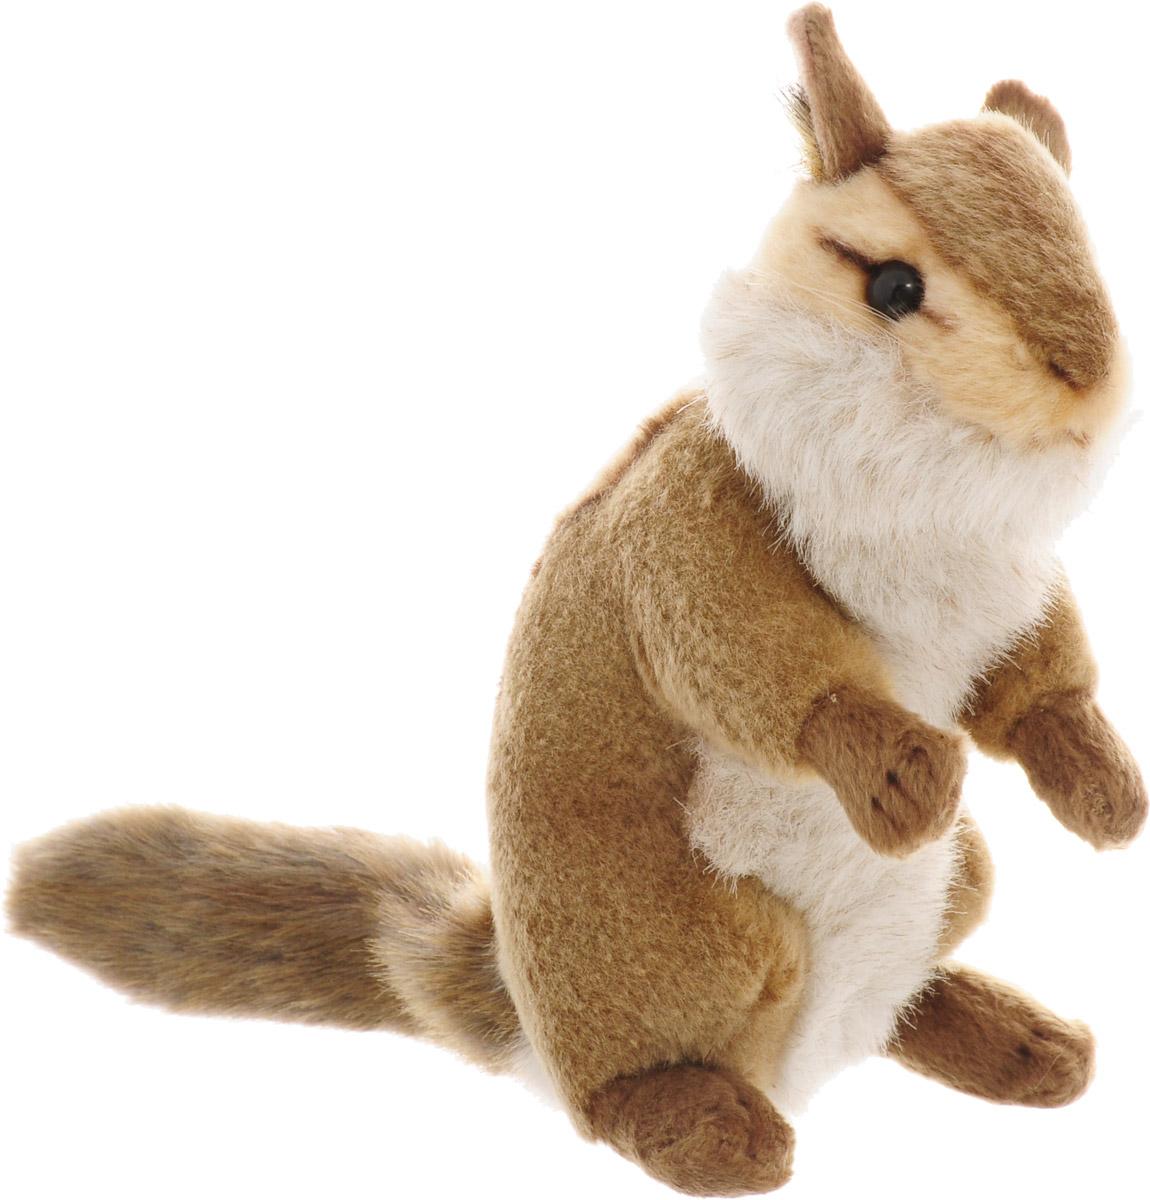 Hansa Мягкая игрушка Бурундук сидящий 16 см мягкие игрушки hansa бурундук сидящий 16 см